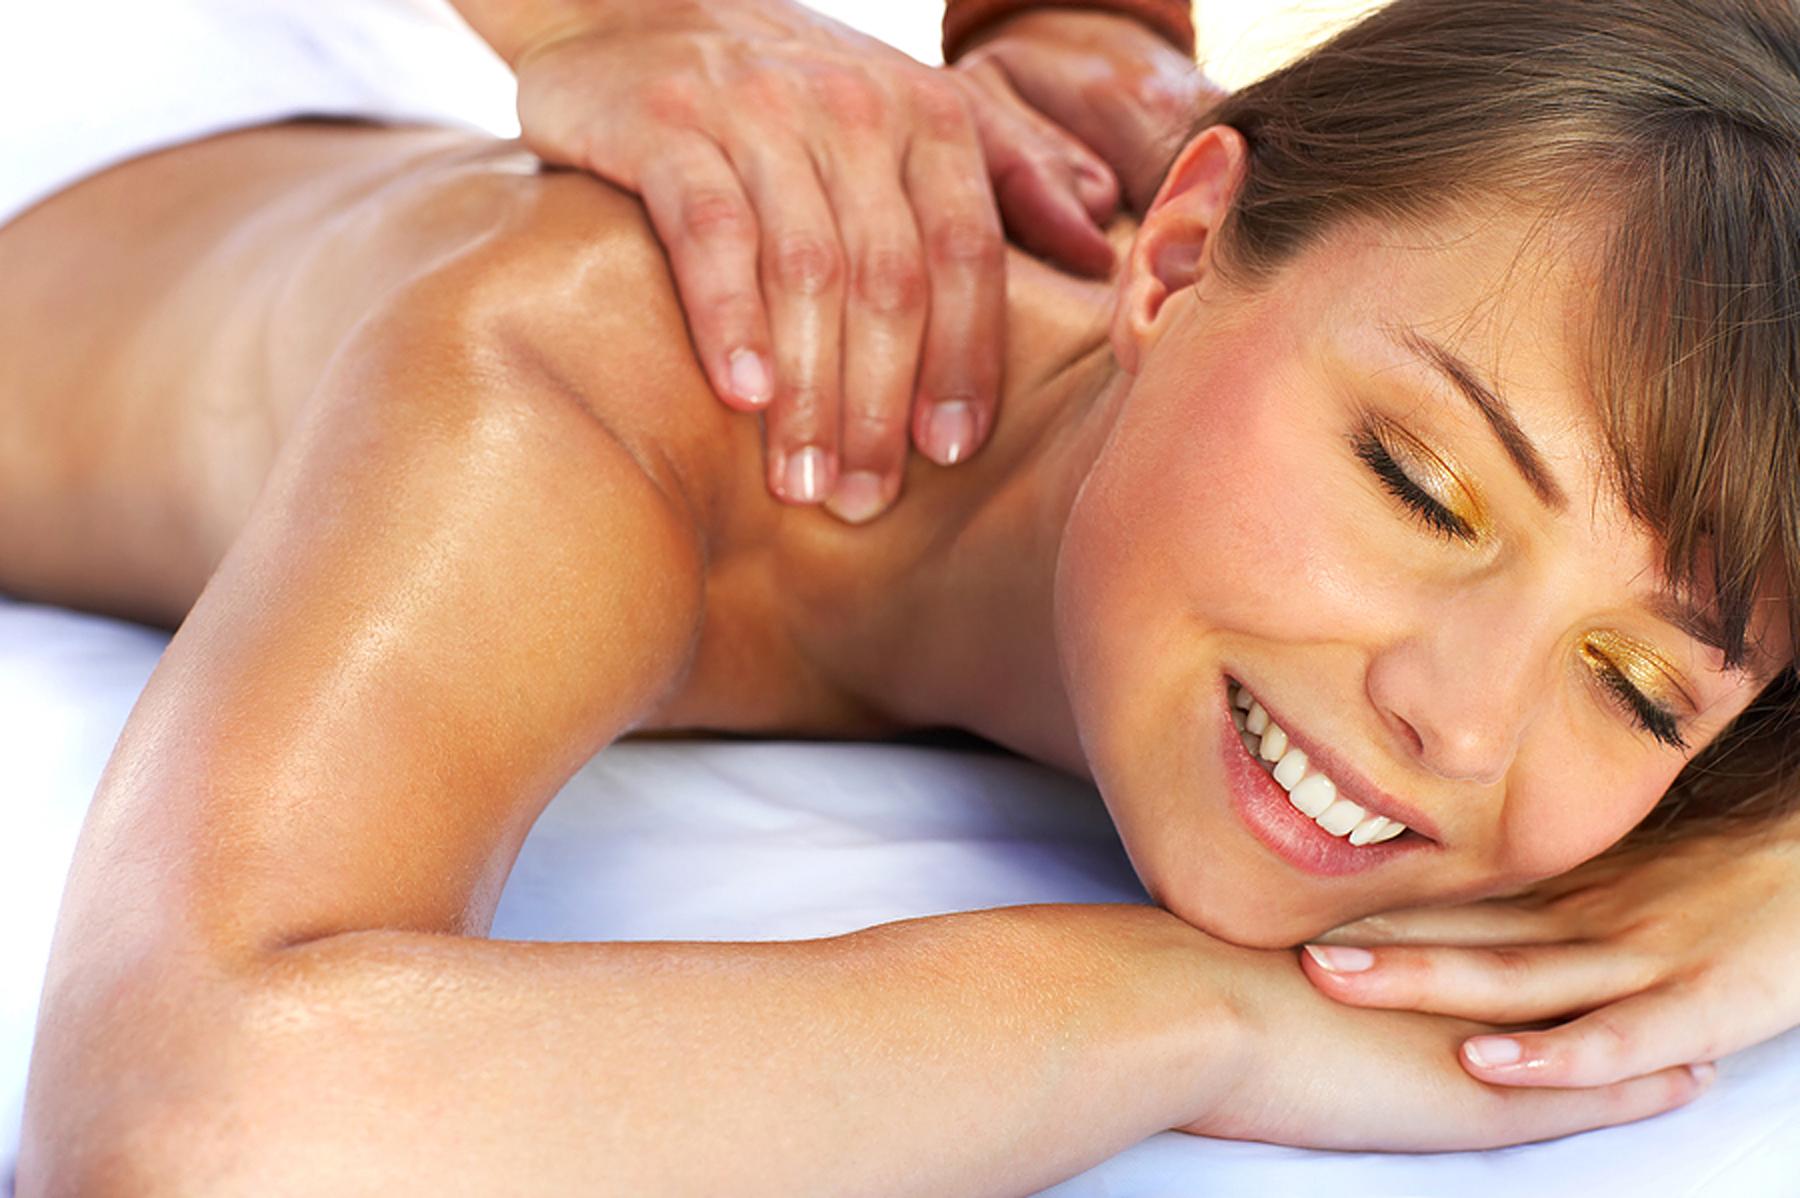 le massage suédois